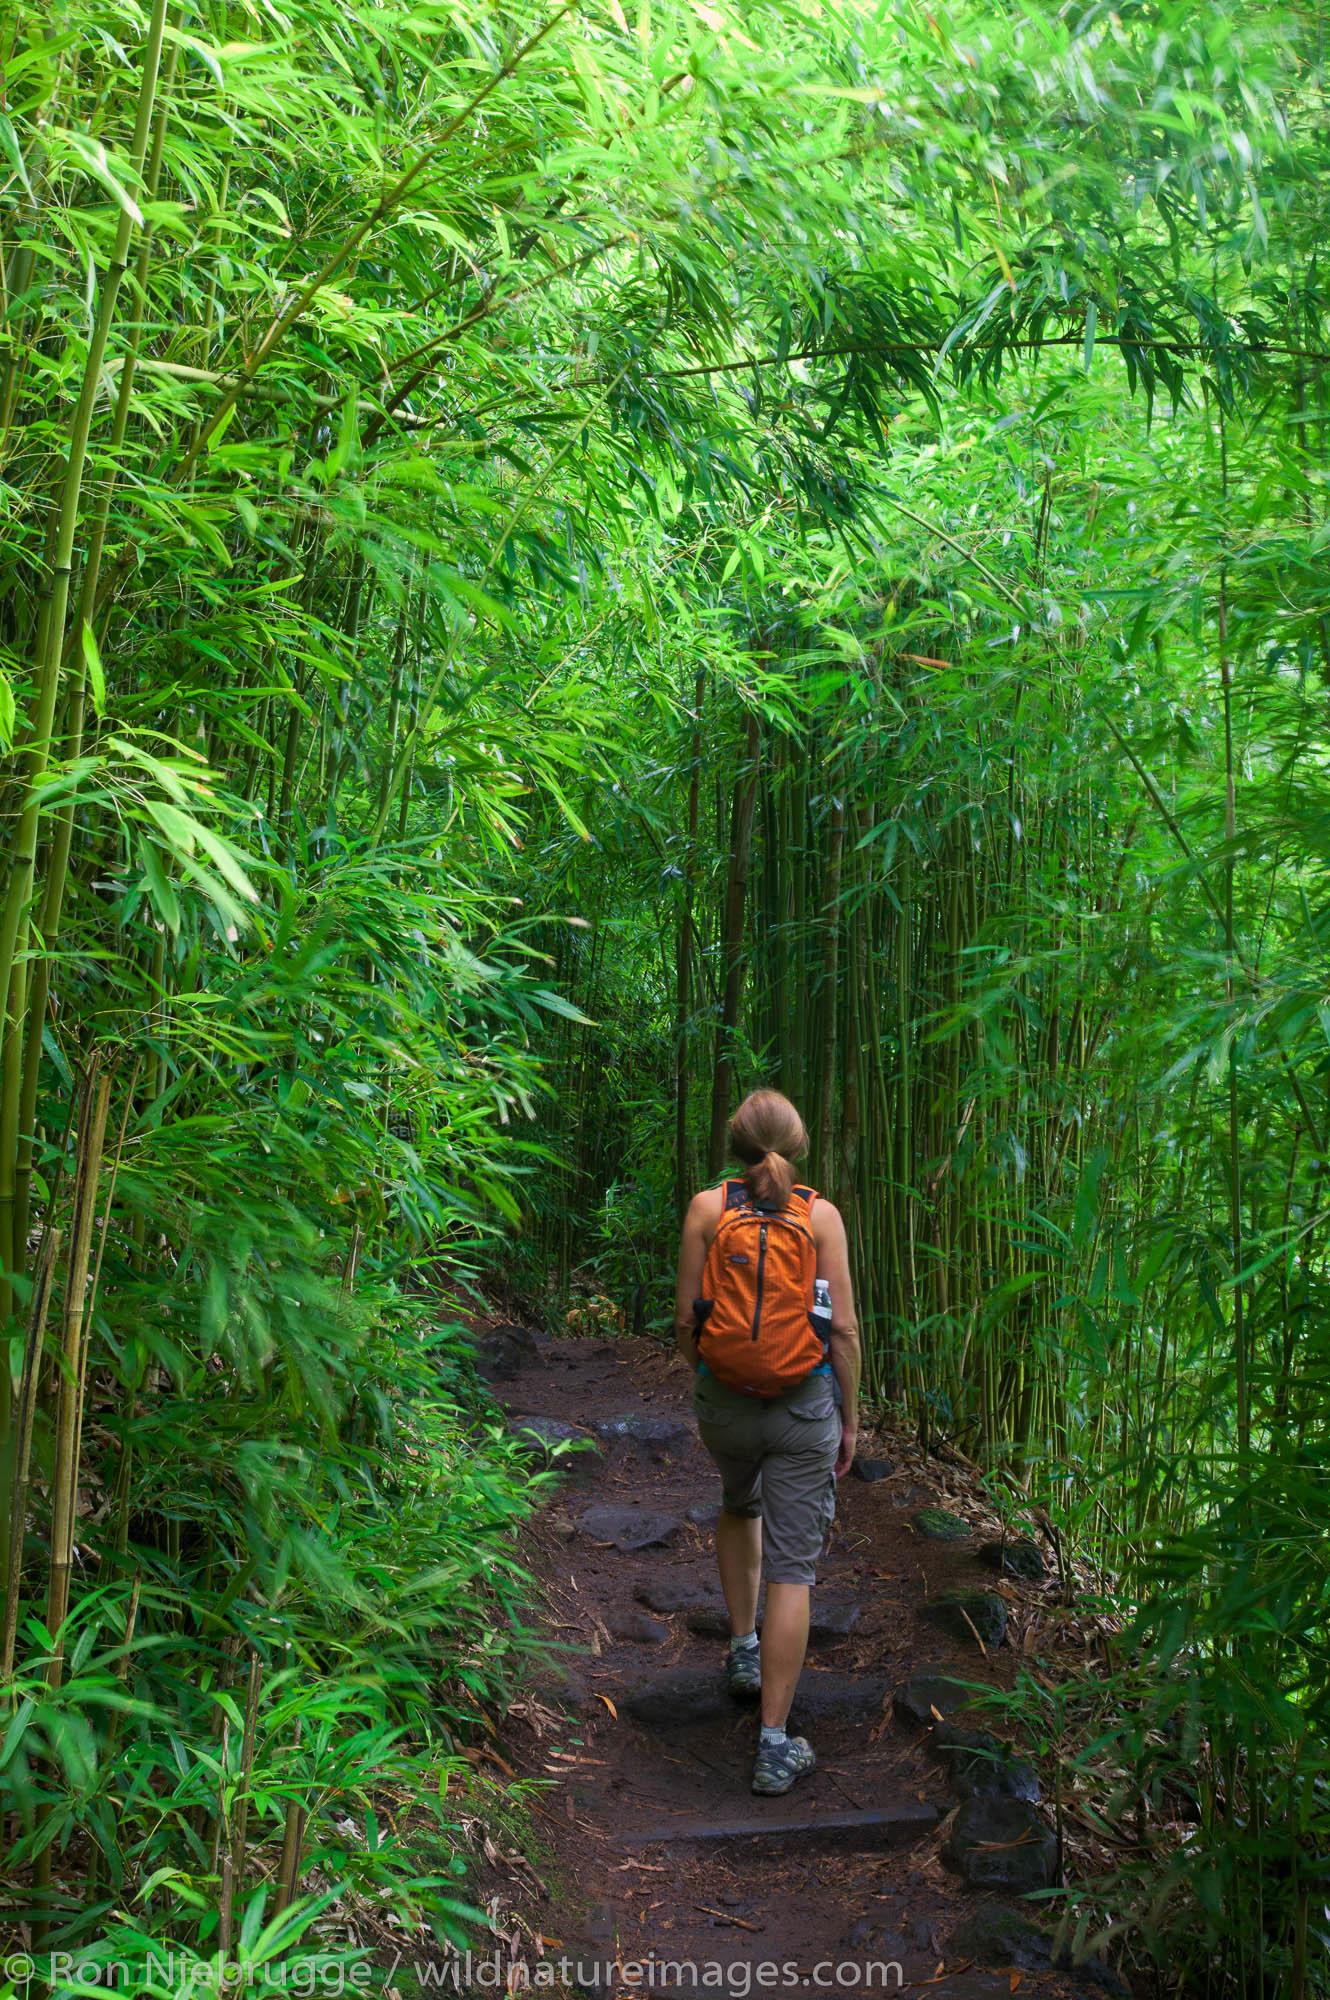 Hiker on the the Pipiwai Trail above the Ohe'o Gulch - aka Seven Sacred Pools, Haleakala National Park, near Hana, Maui, Hawaii...